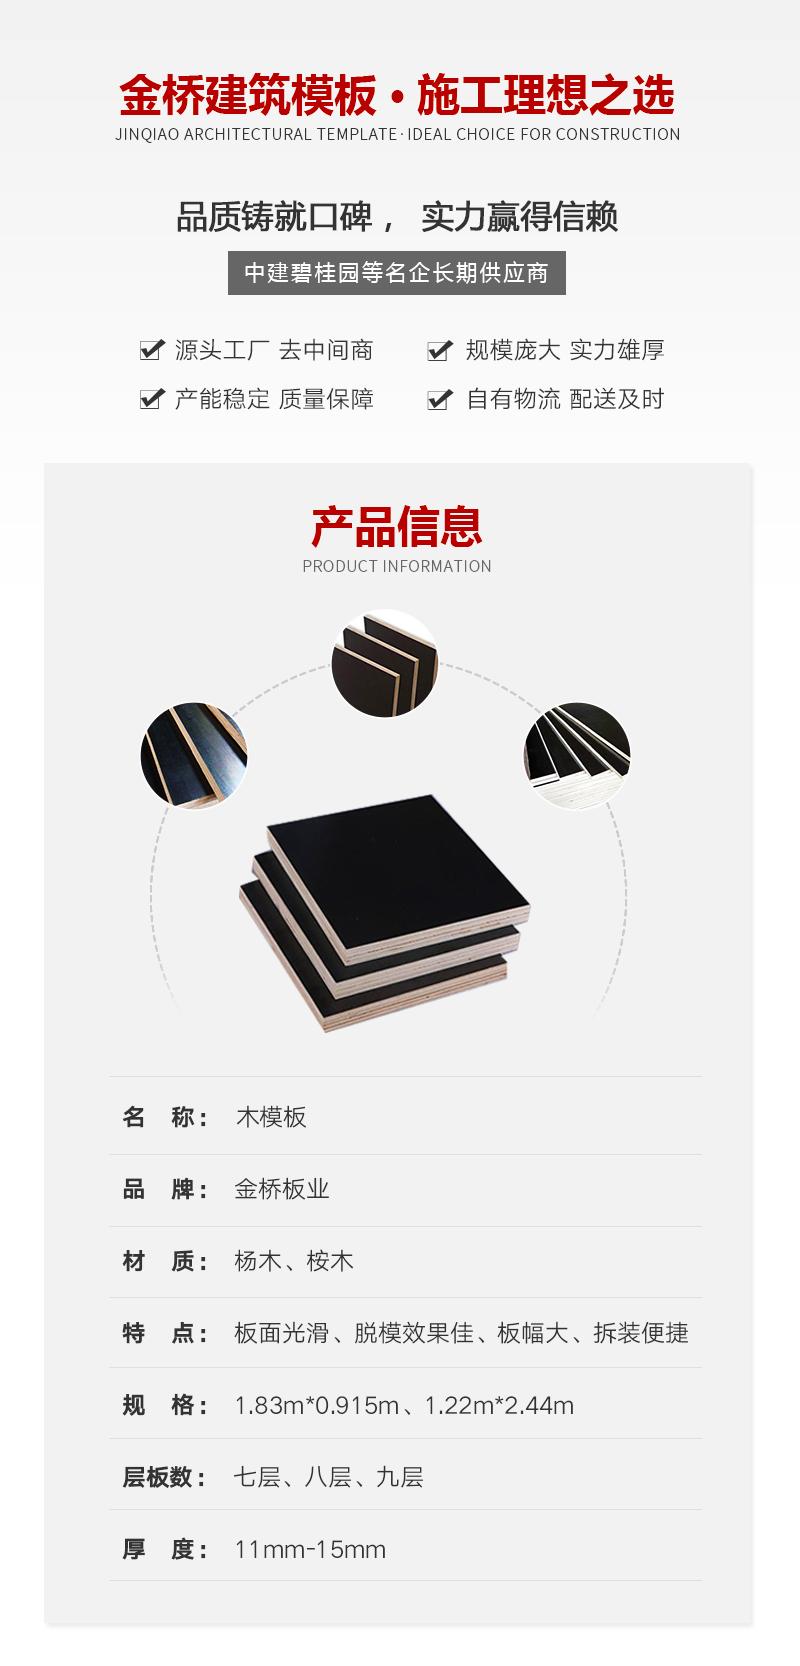 清水模板1.83*0.915*1.4金桥板业产品信息介绍